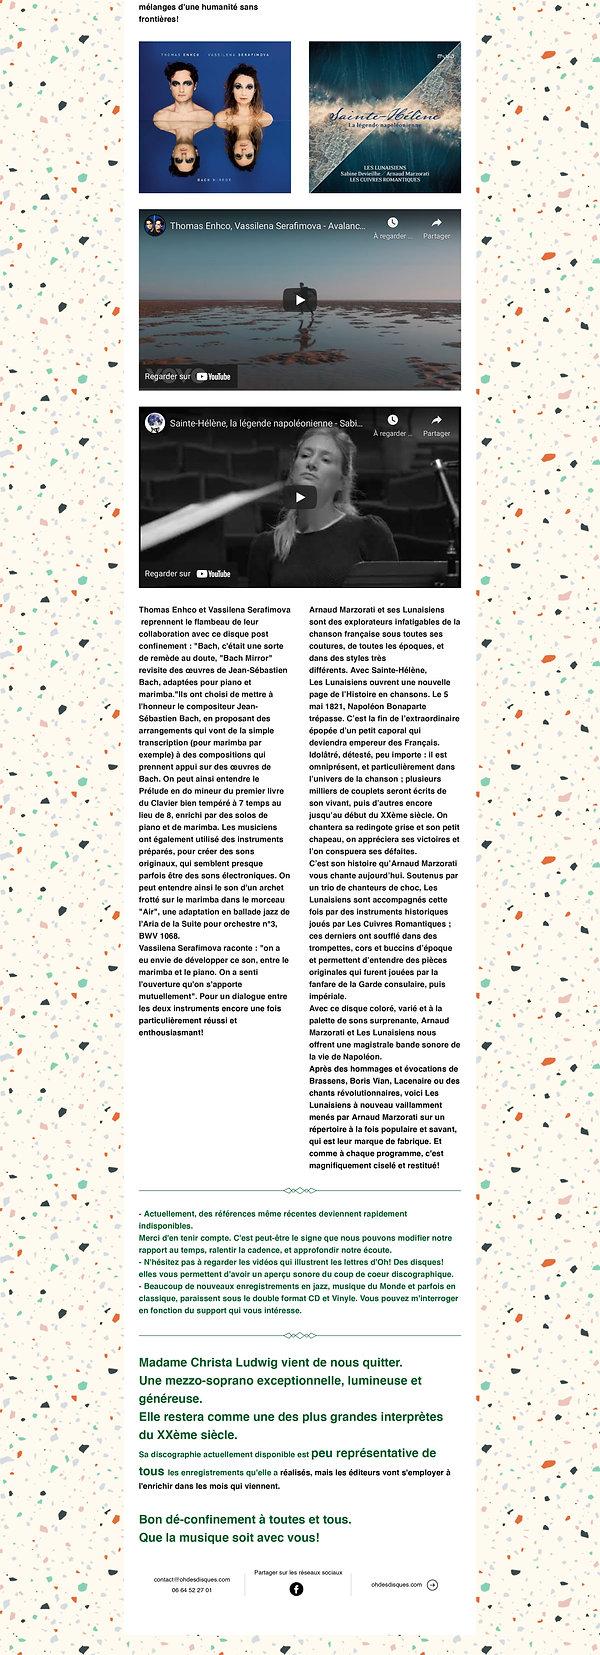 La Lettre Tutti Frutti_page-0002.jpg